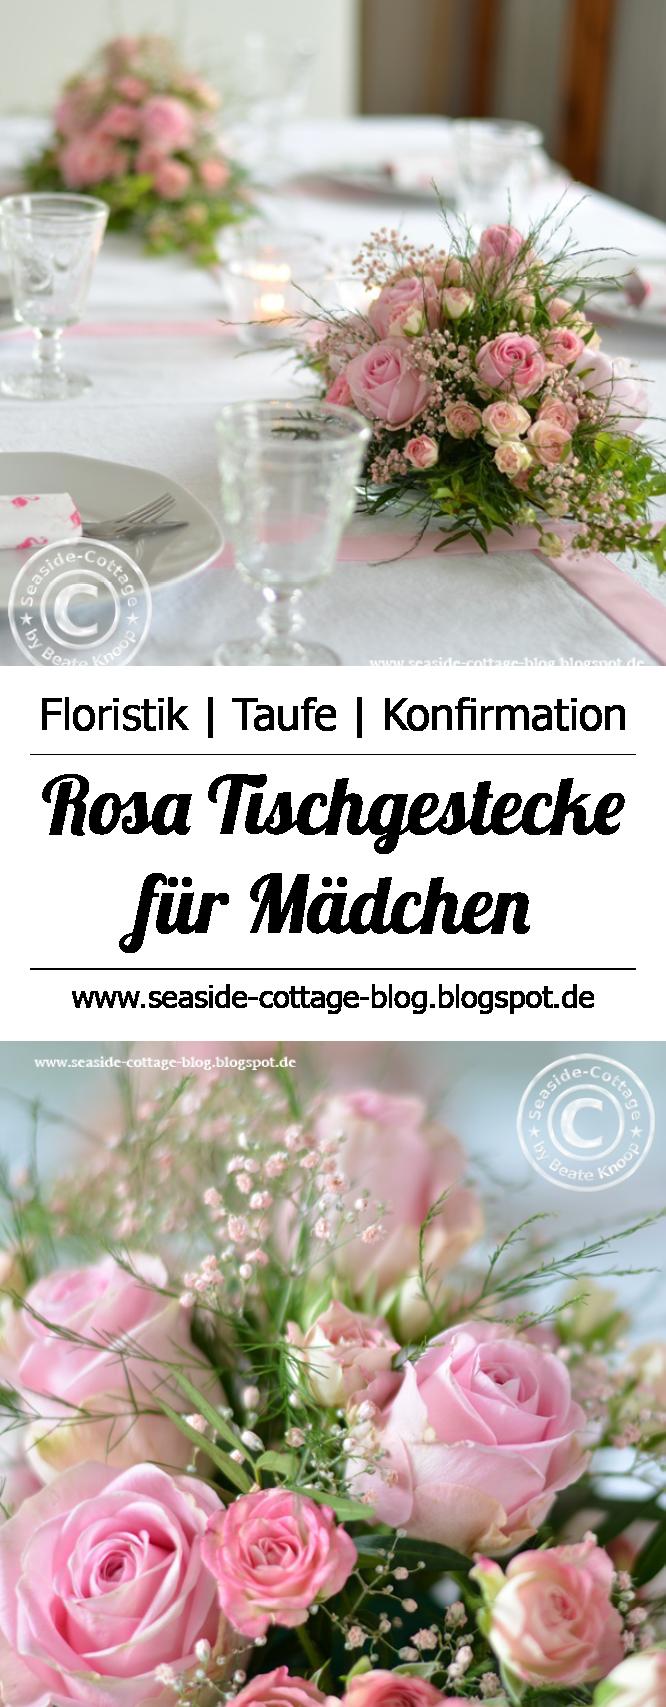 Dekoration Taufe Mädchen: Tischgestecke Zur Konfirmation Oder Taufe Eines Mädchens